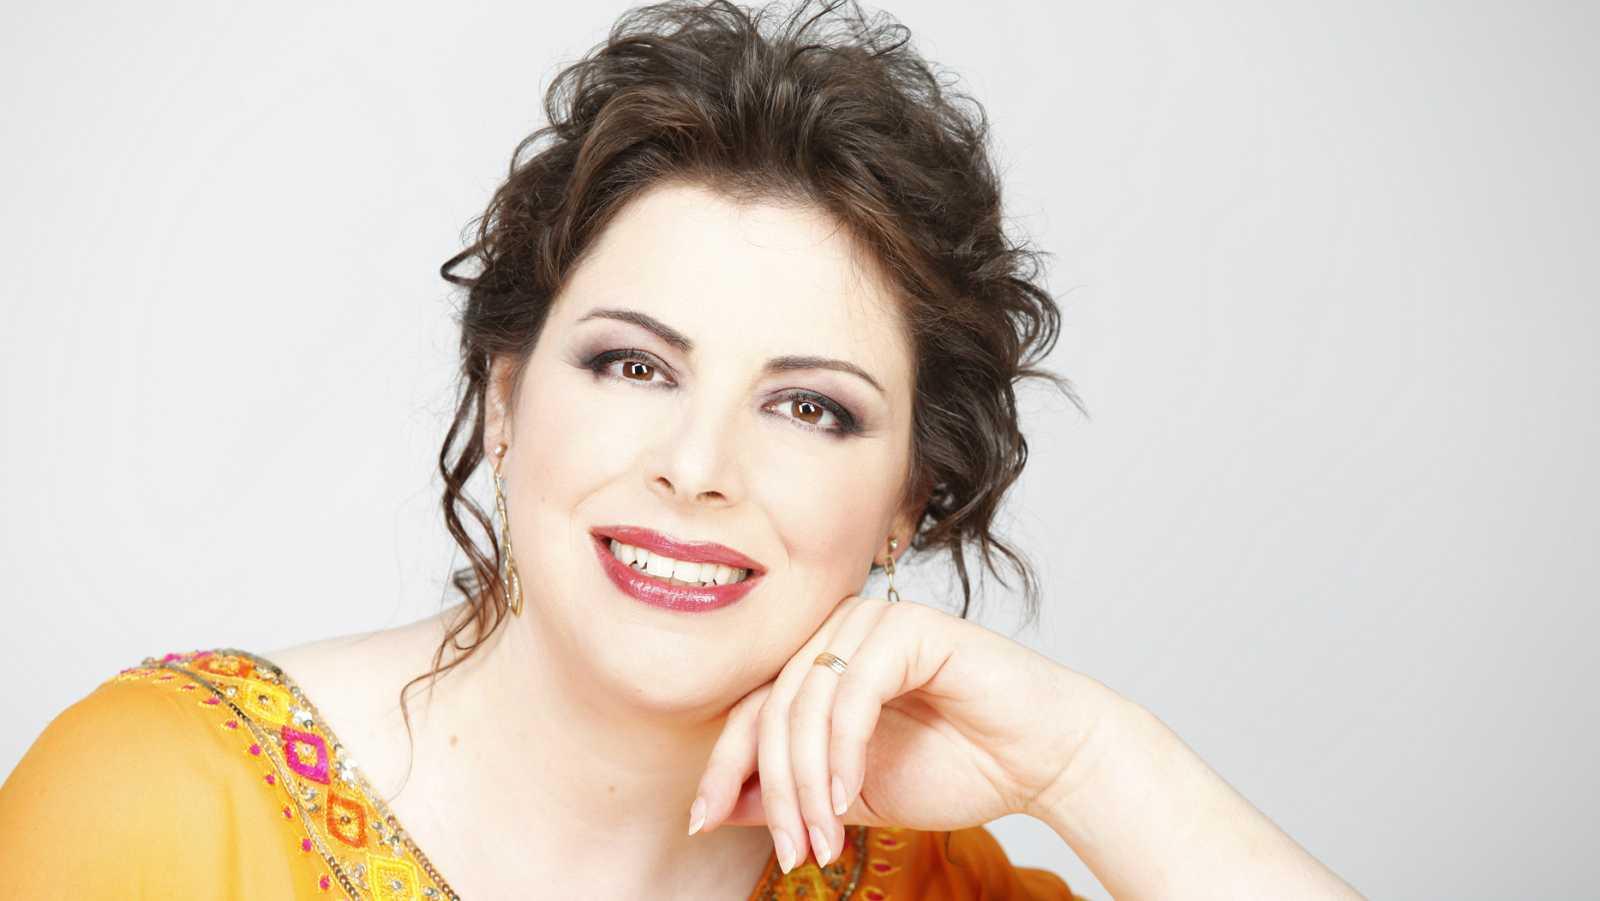 La dársena - Daniela Barcellona - 03/03/18 - escuchar ahora